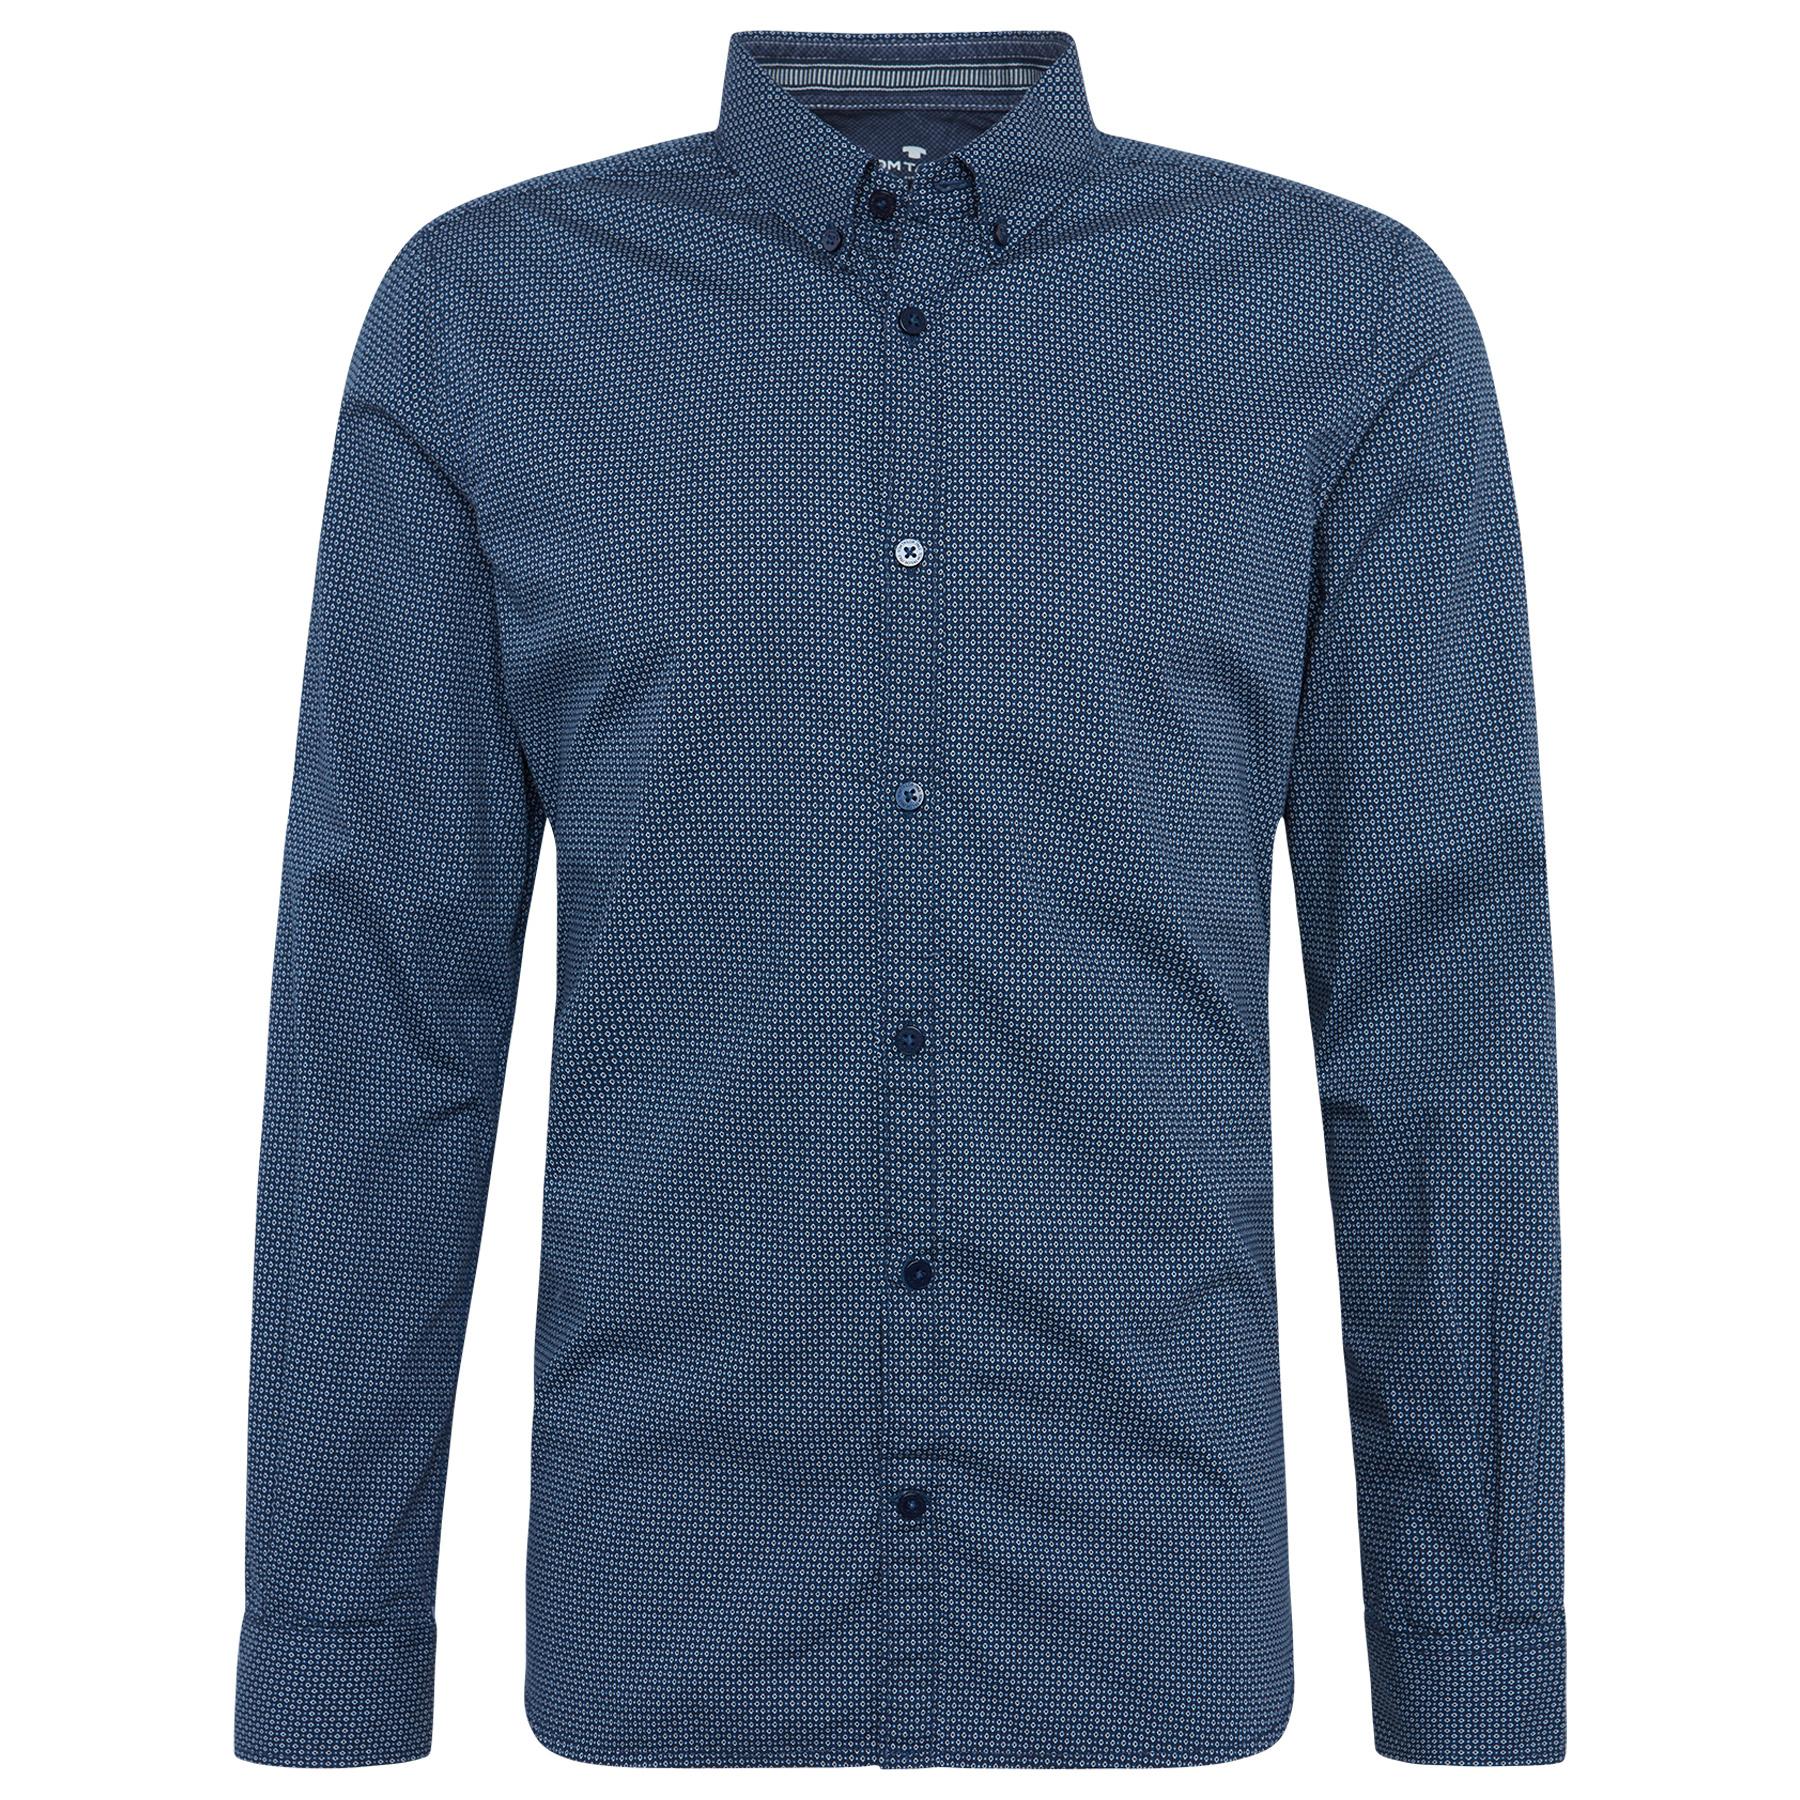 TTM_NOS_shirt-blue_20335980910_29,99eur